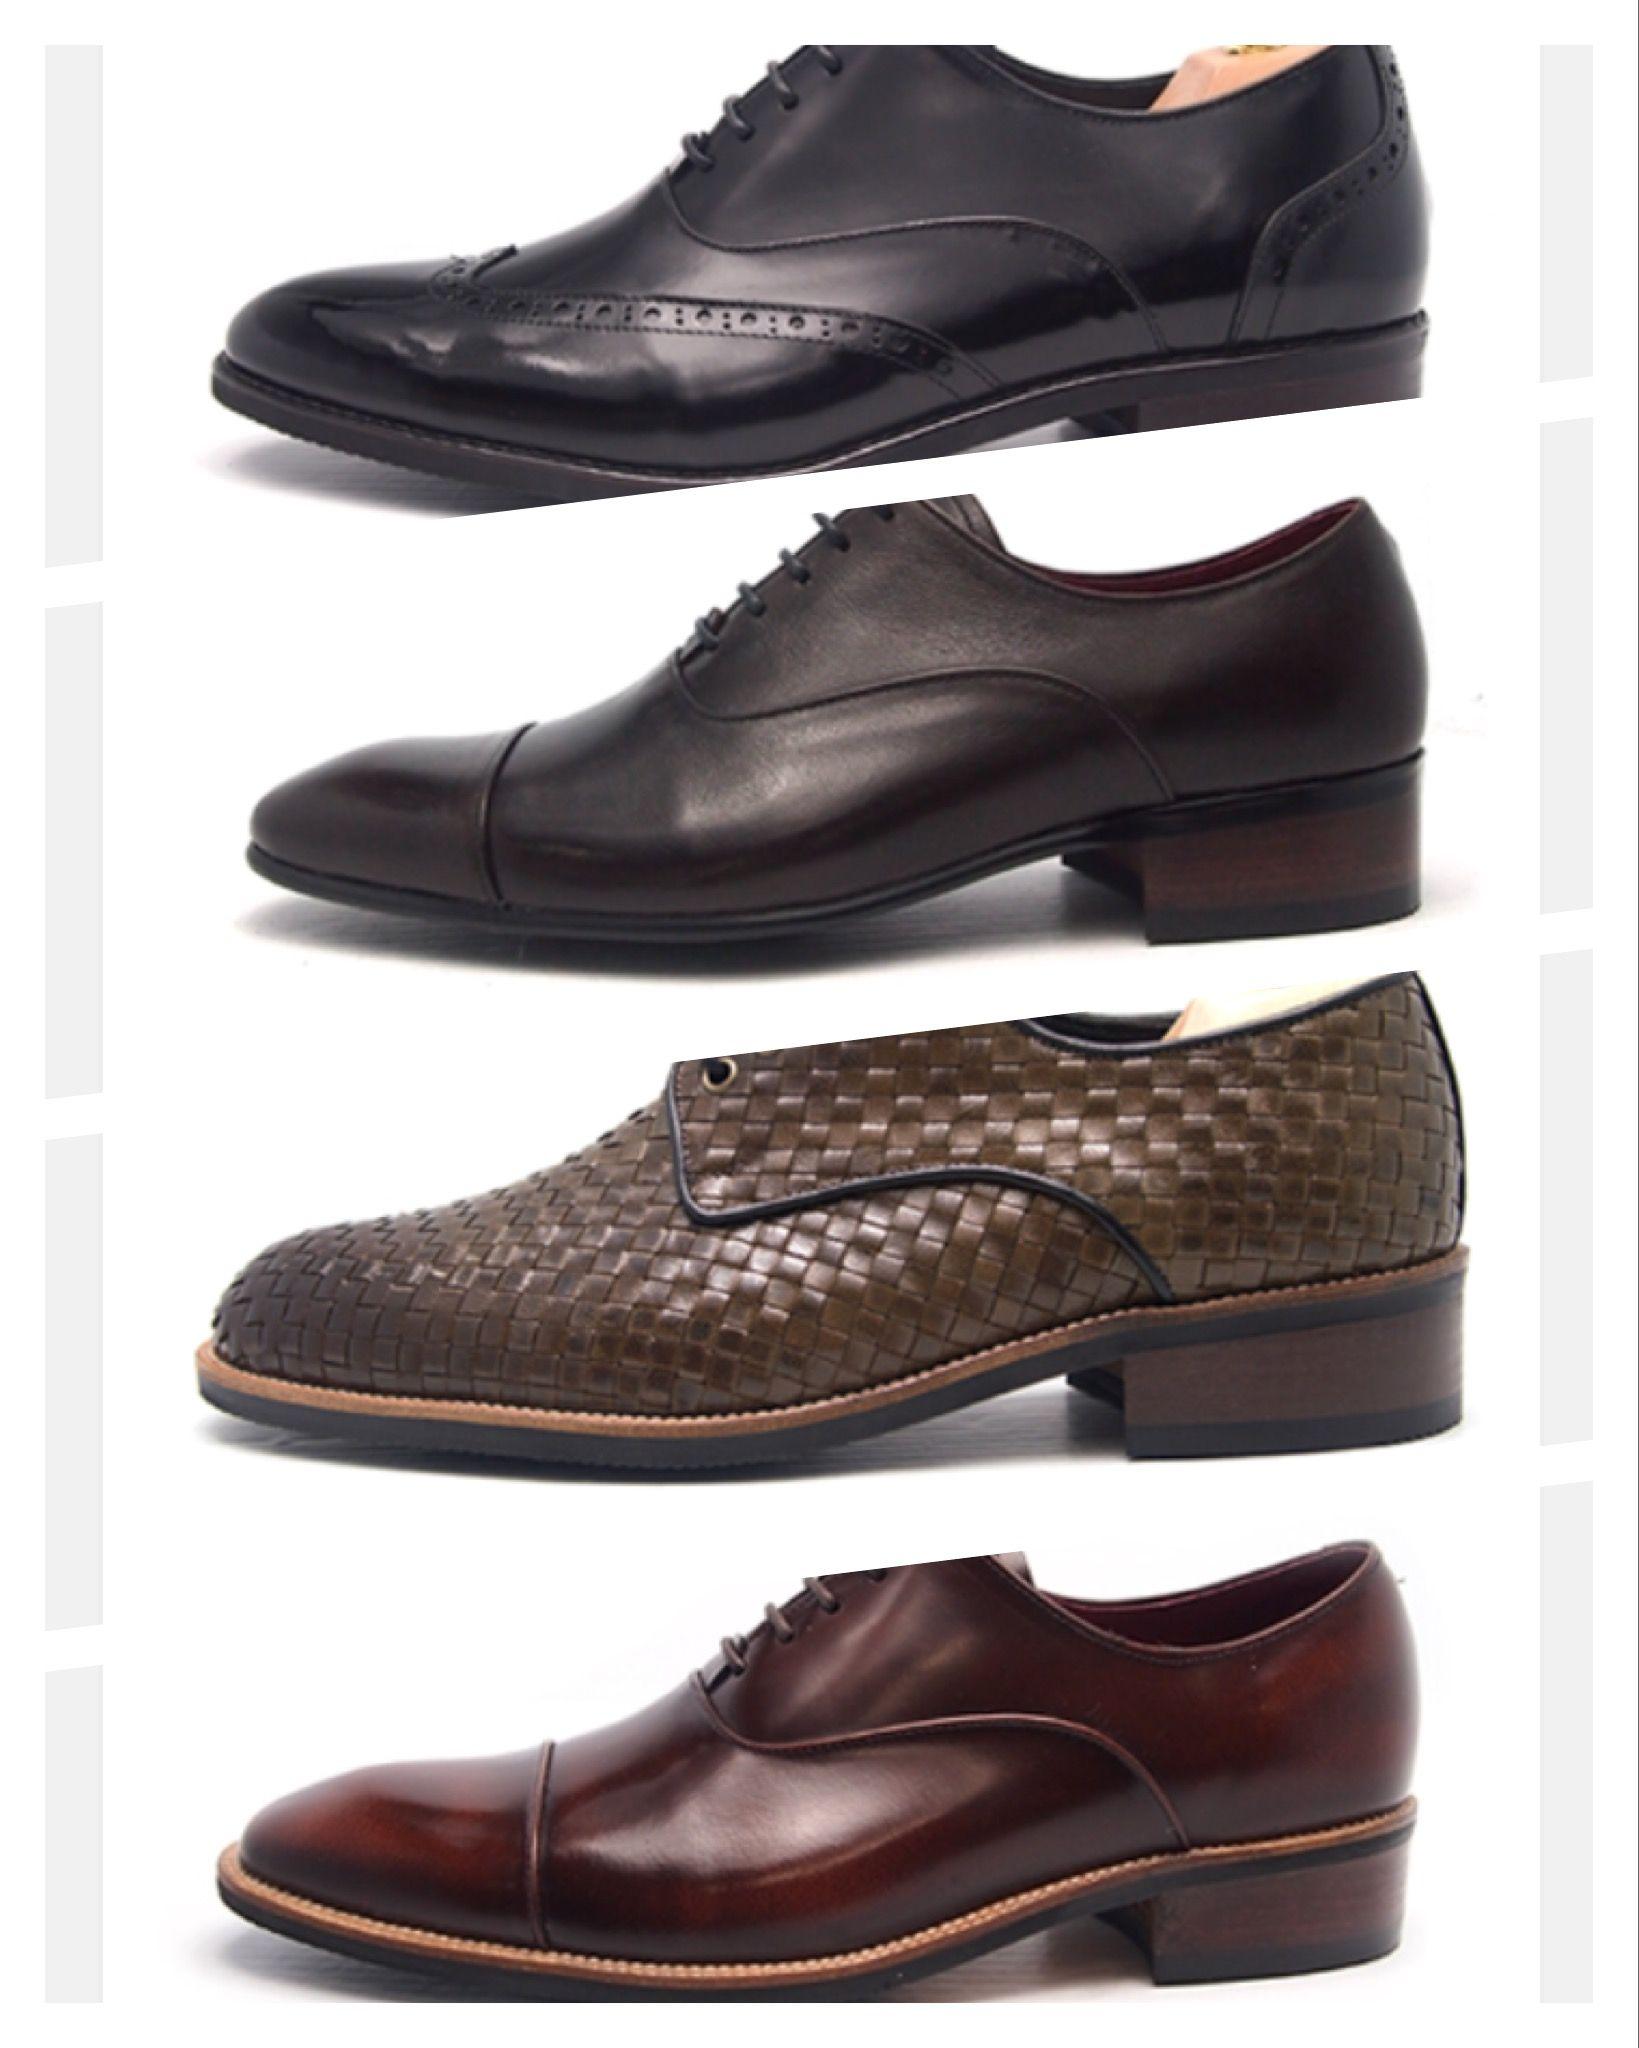 おすすめ カジュアルにも使える革靴 ラストミー 見に来てください